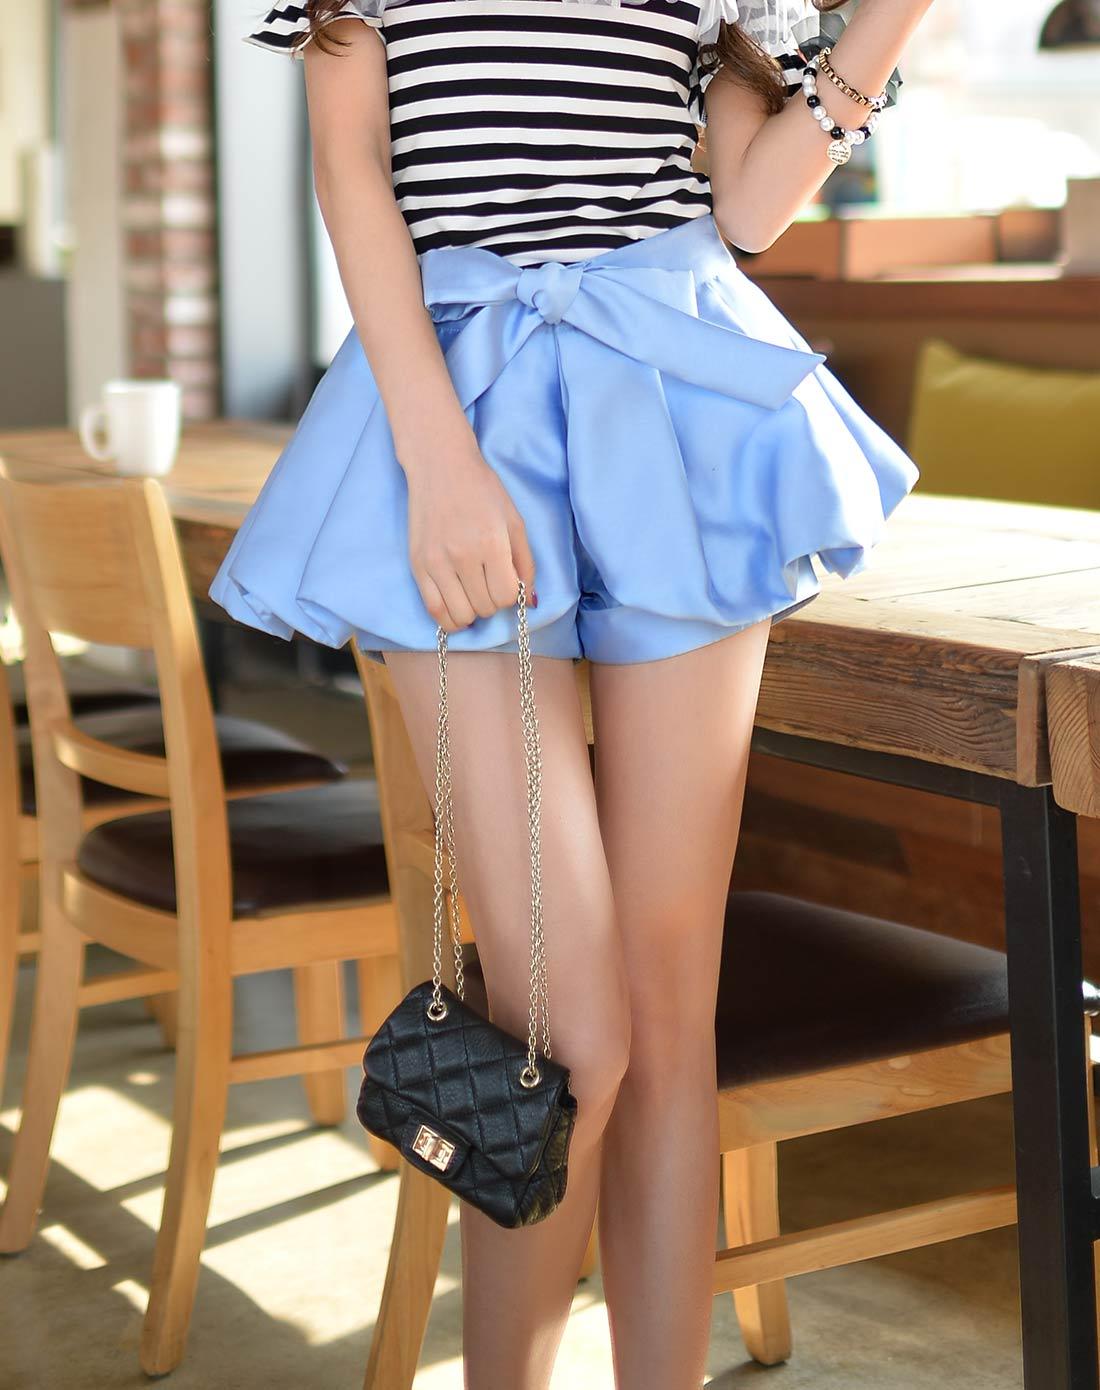 浅蓝色系蝴蝶结裙裤